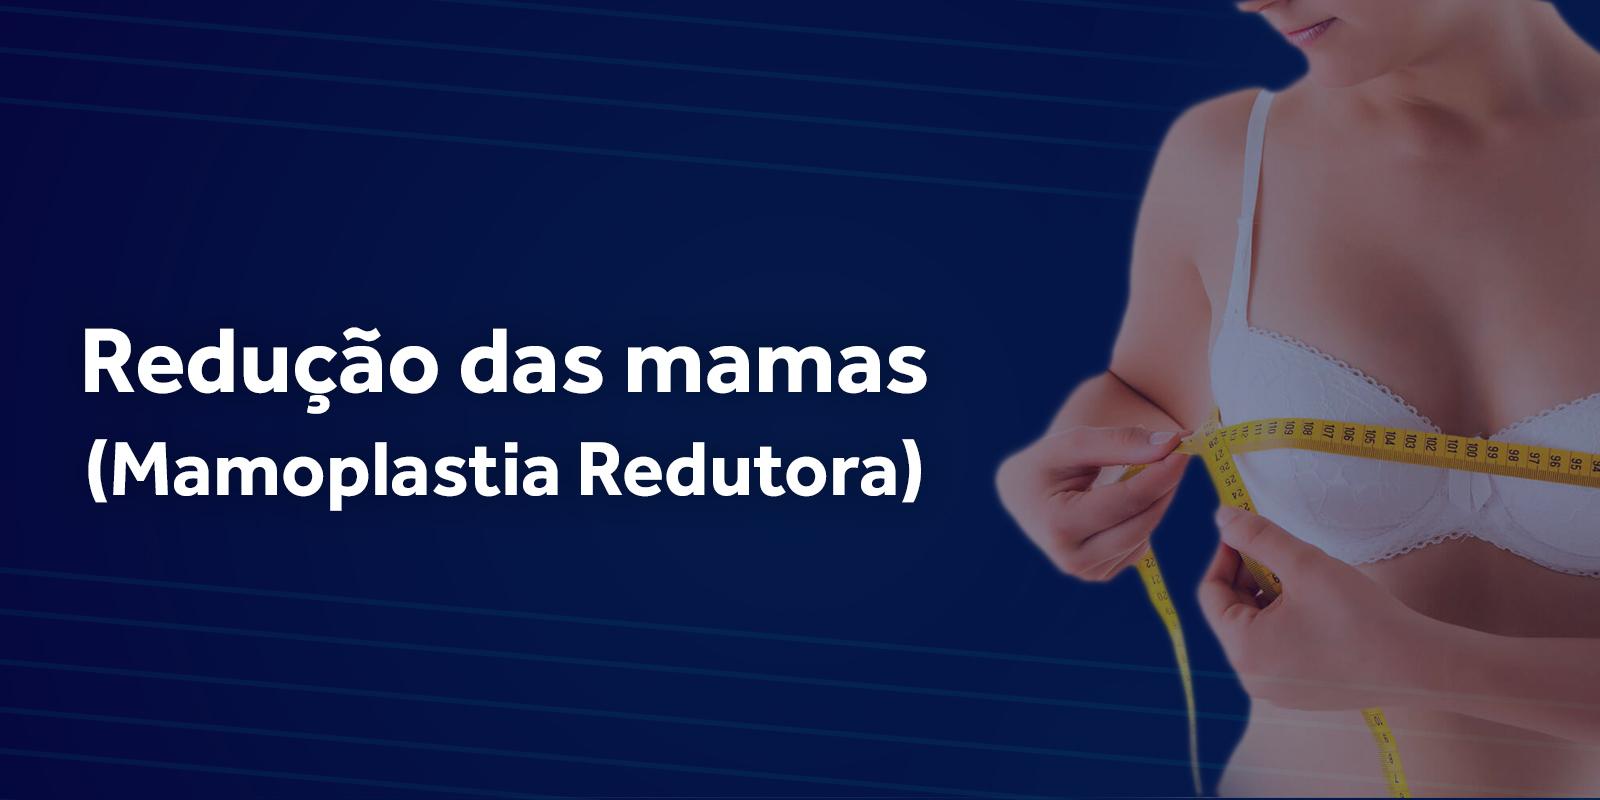 Redução de mama (mamoplastia redutora pós-bariátrica)